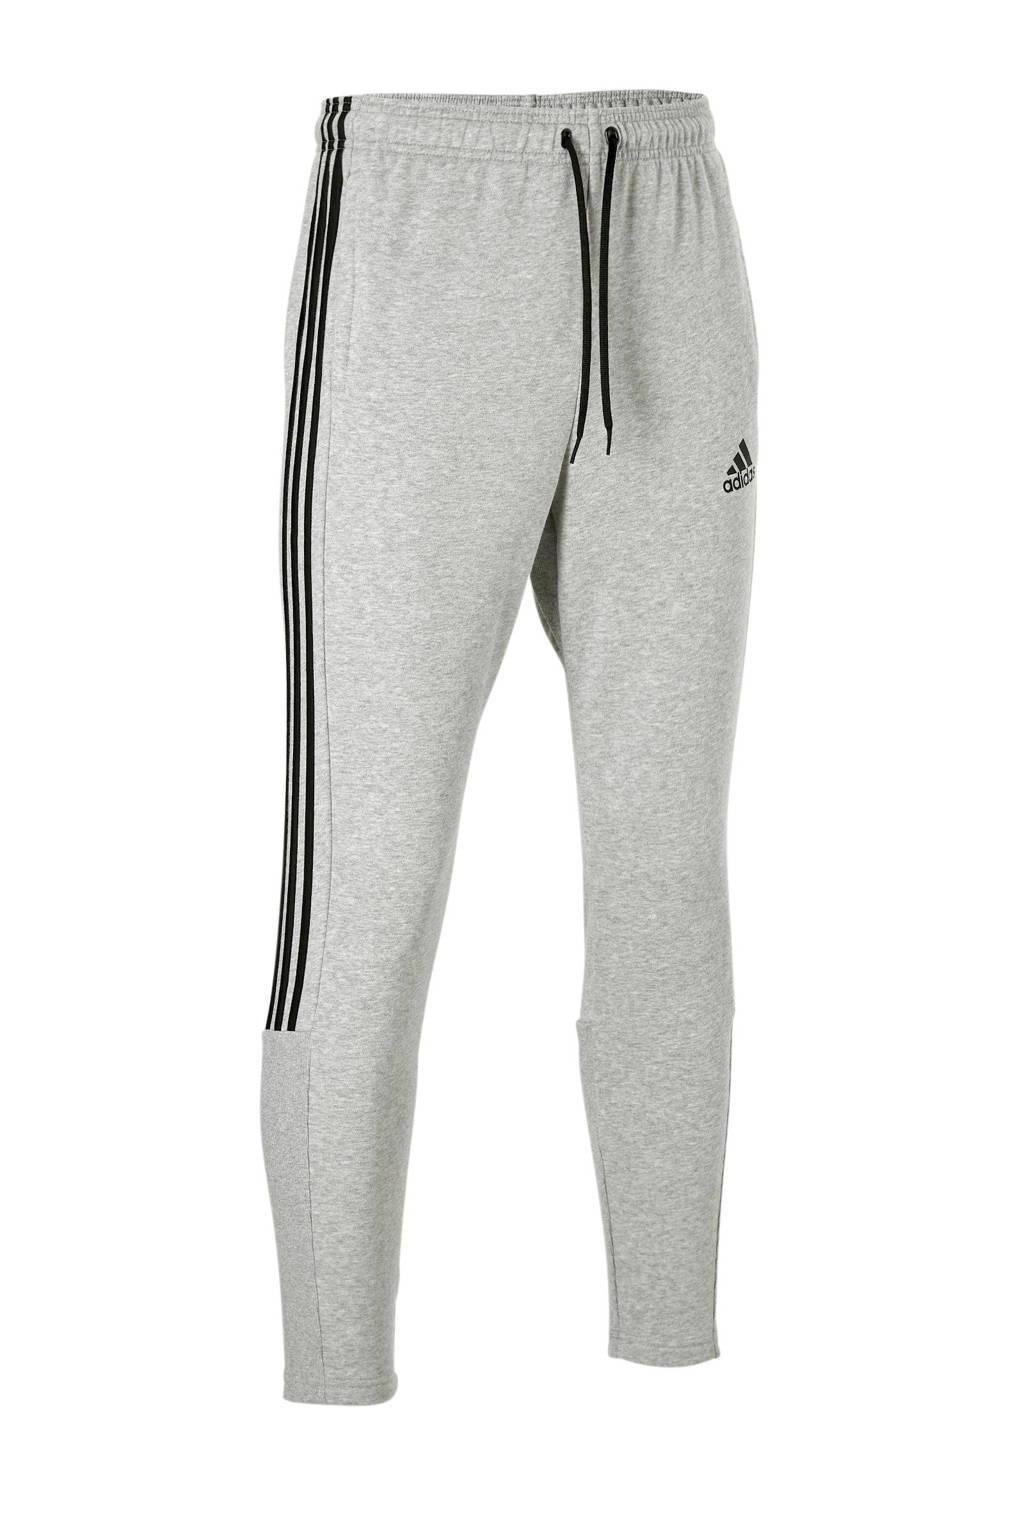 adidas regular fit joggingbroek met logo grijs/zwart, Grijs/zwart